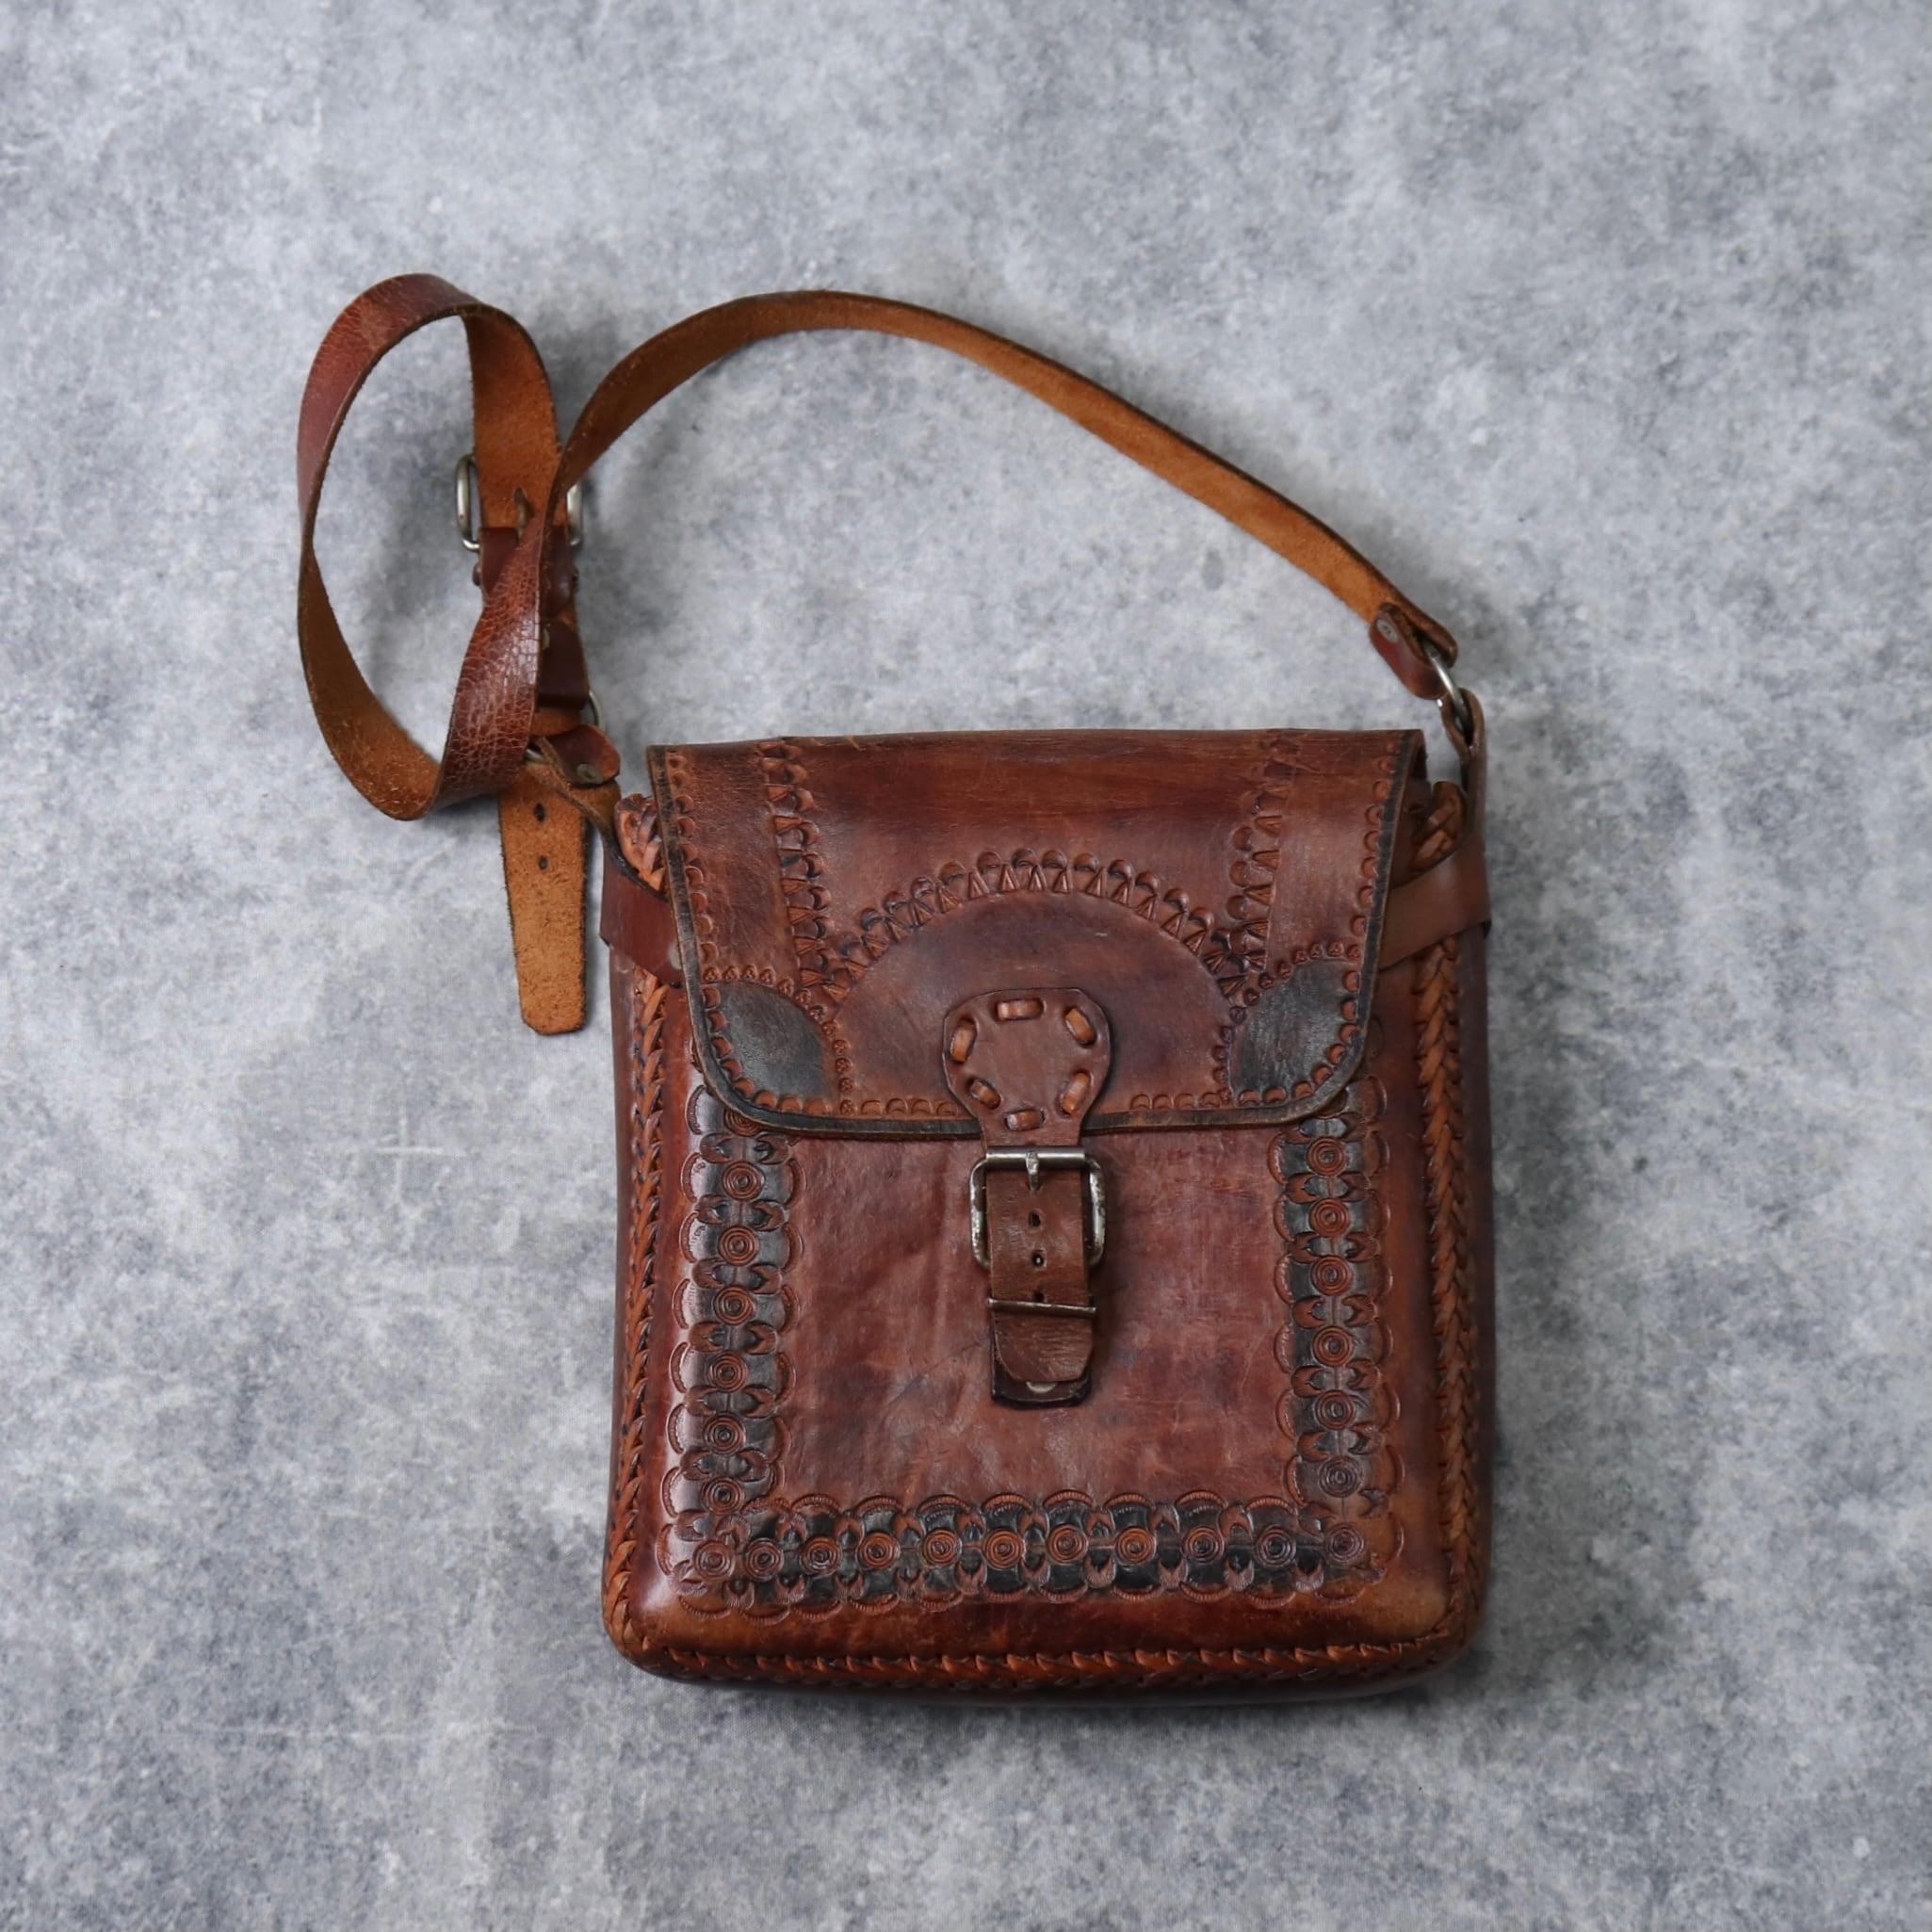 1970s  Old  Leather  Shoulder  Bag  USA A339